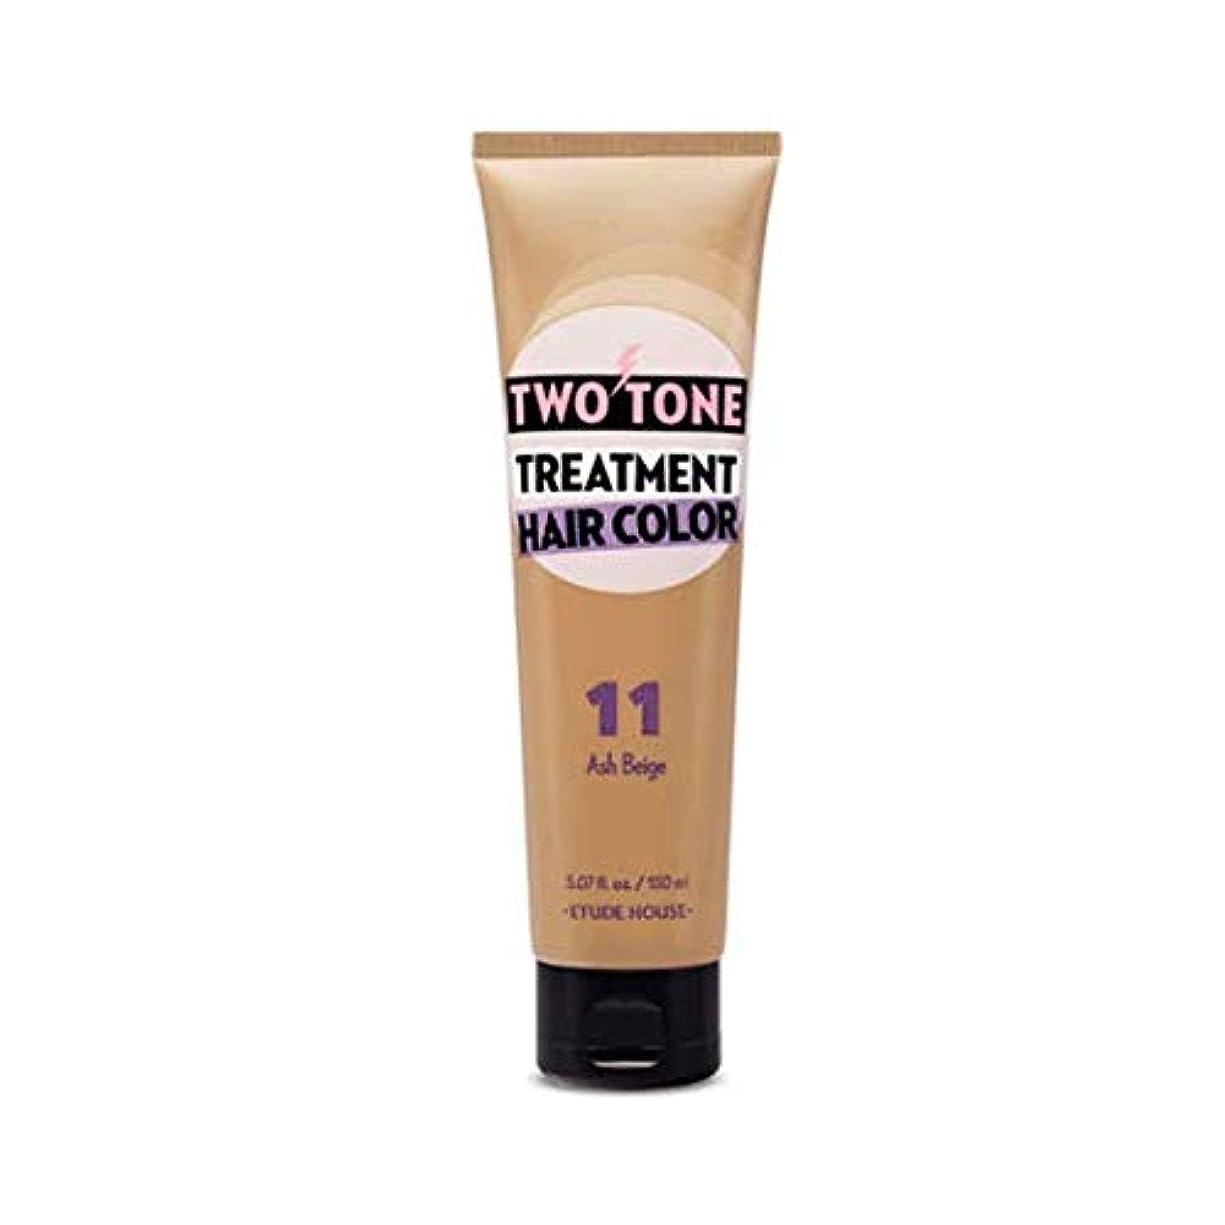 聖職者曲げる思春期ETUDE HOUSE Two Tone Treatment Hair Color *11 Ash Beige/エチュードハウス ツートントリートメントヘアカラー150ml [並行輸入品]